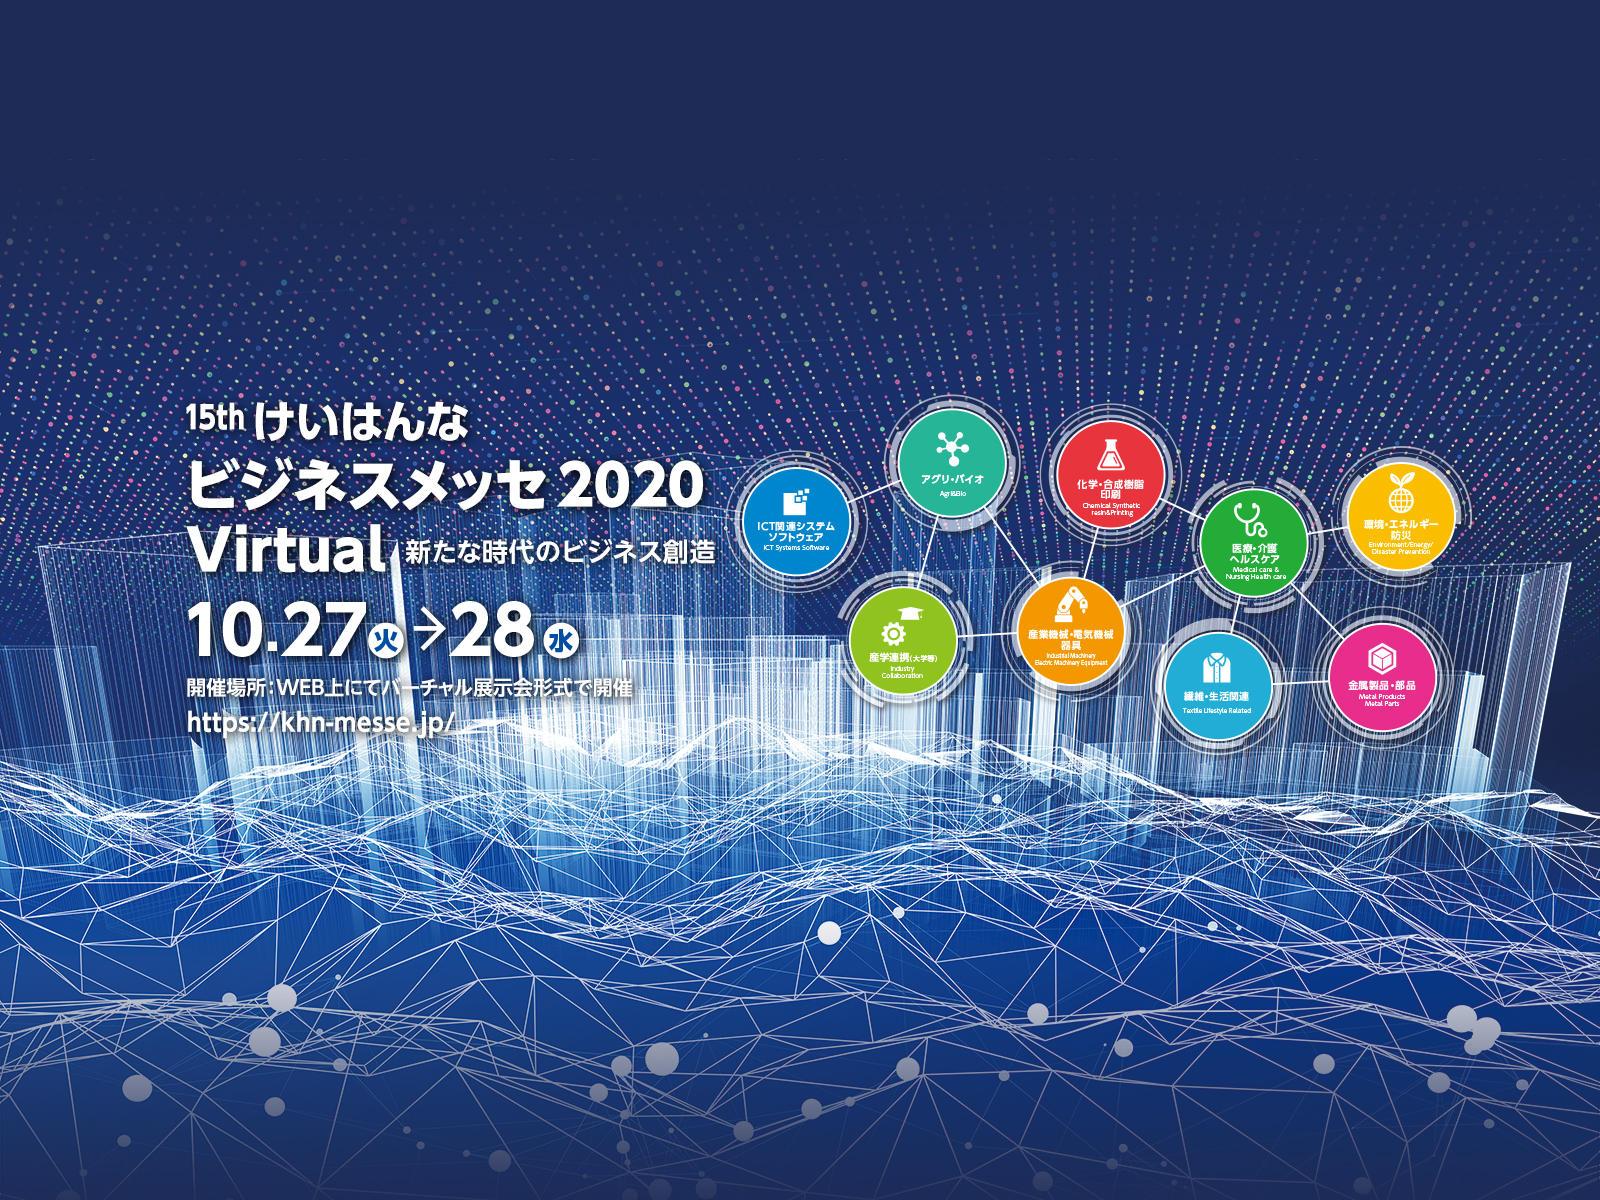 けいはんなビジネスメッセ 2020 VIRTUAL